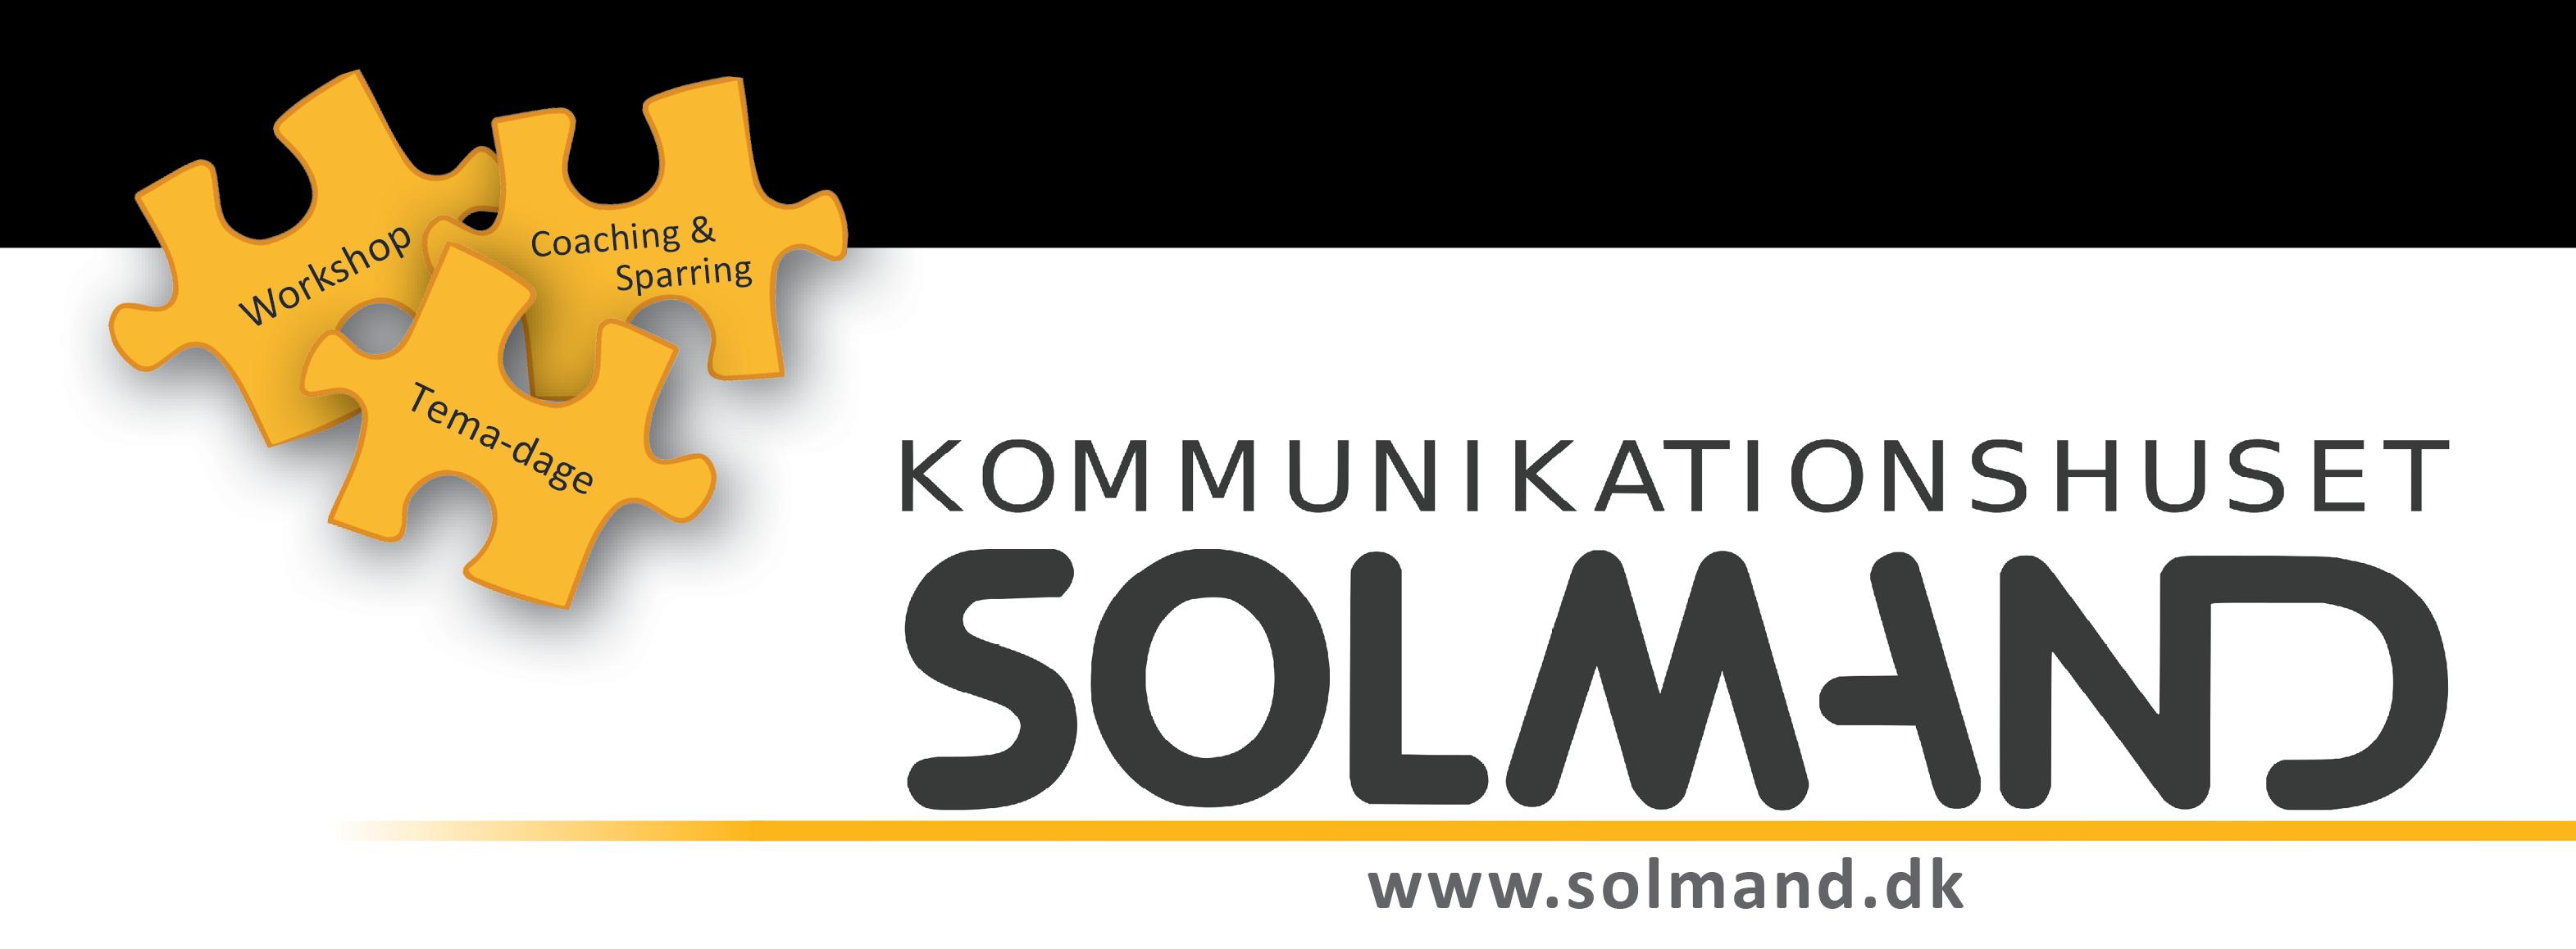 www.solmand.dk